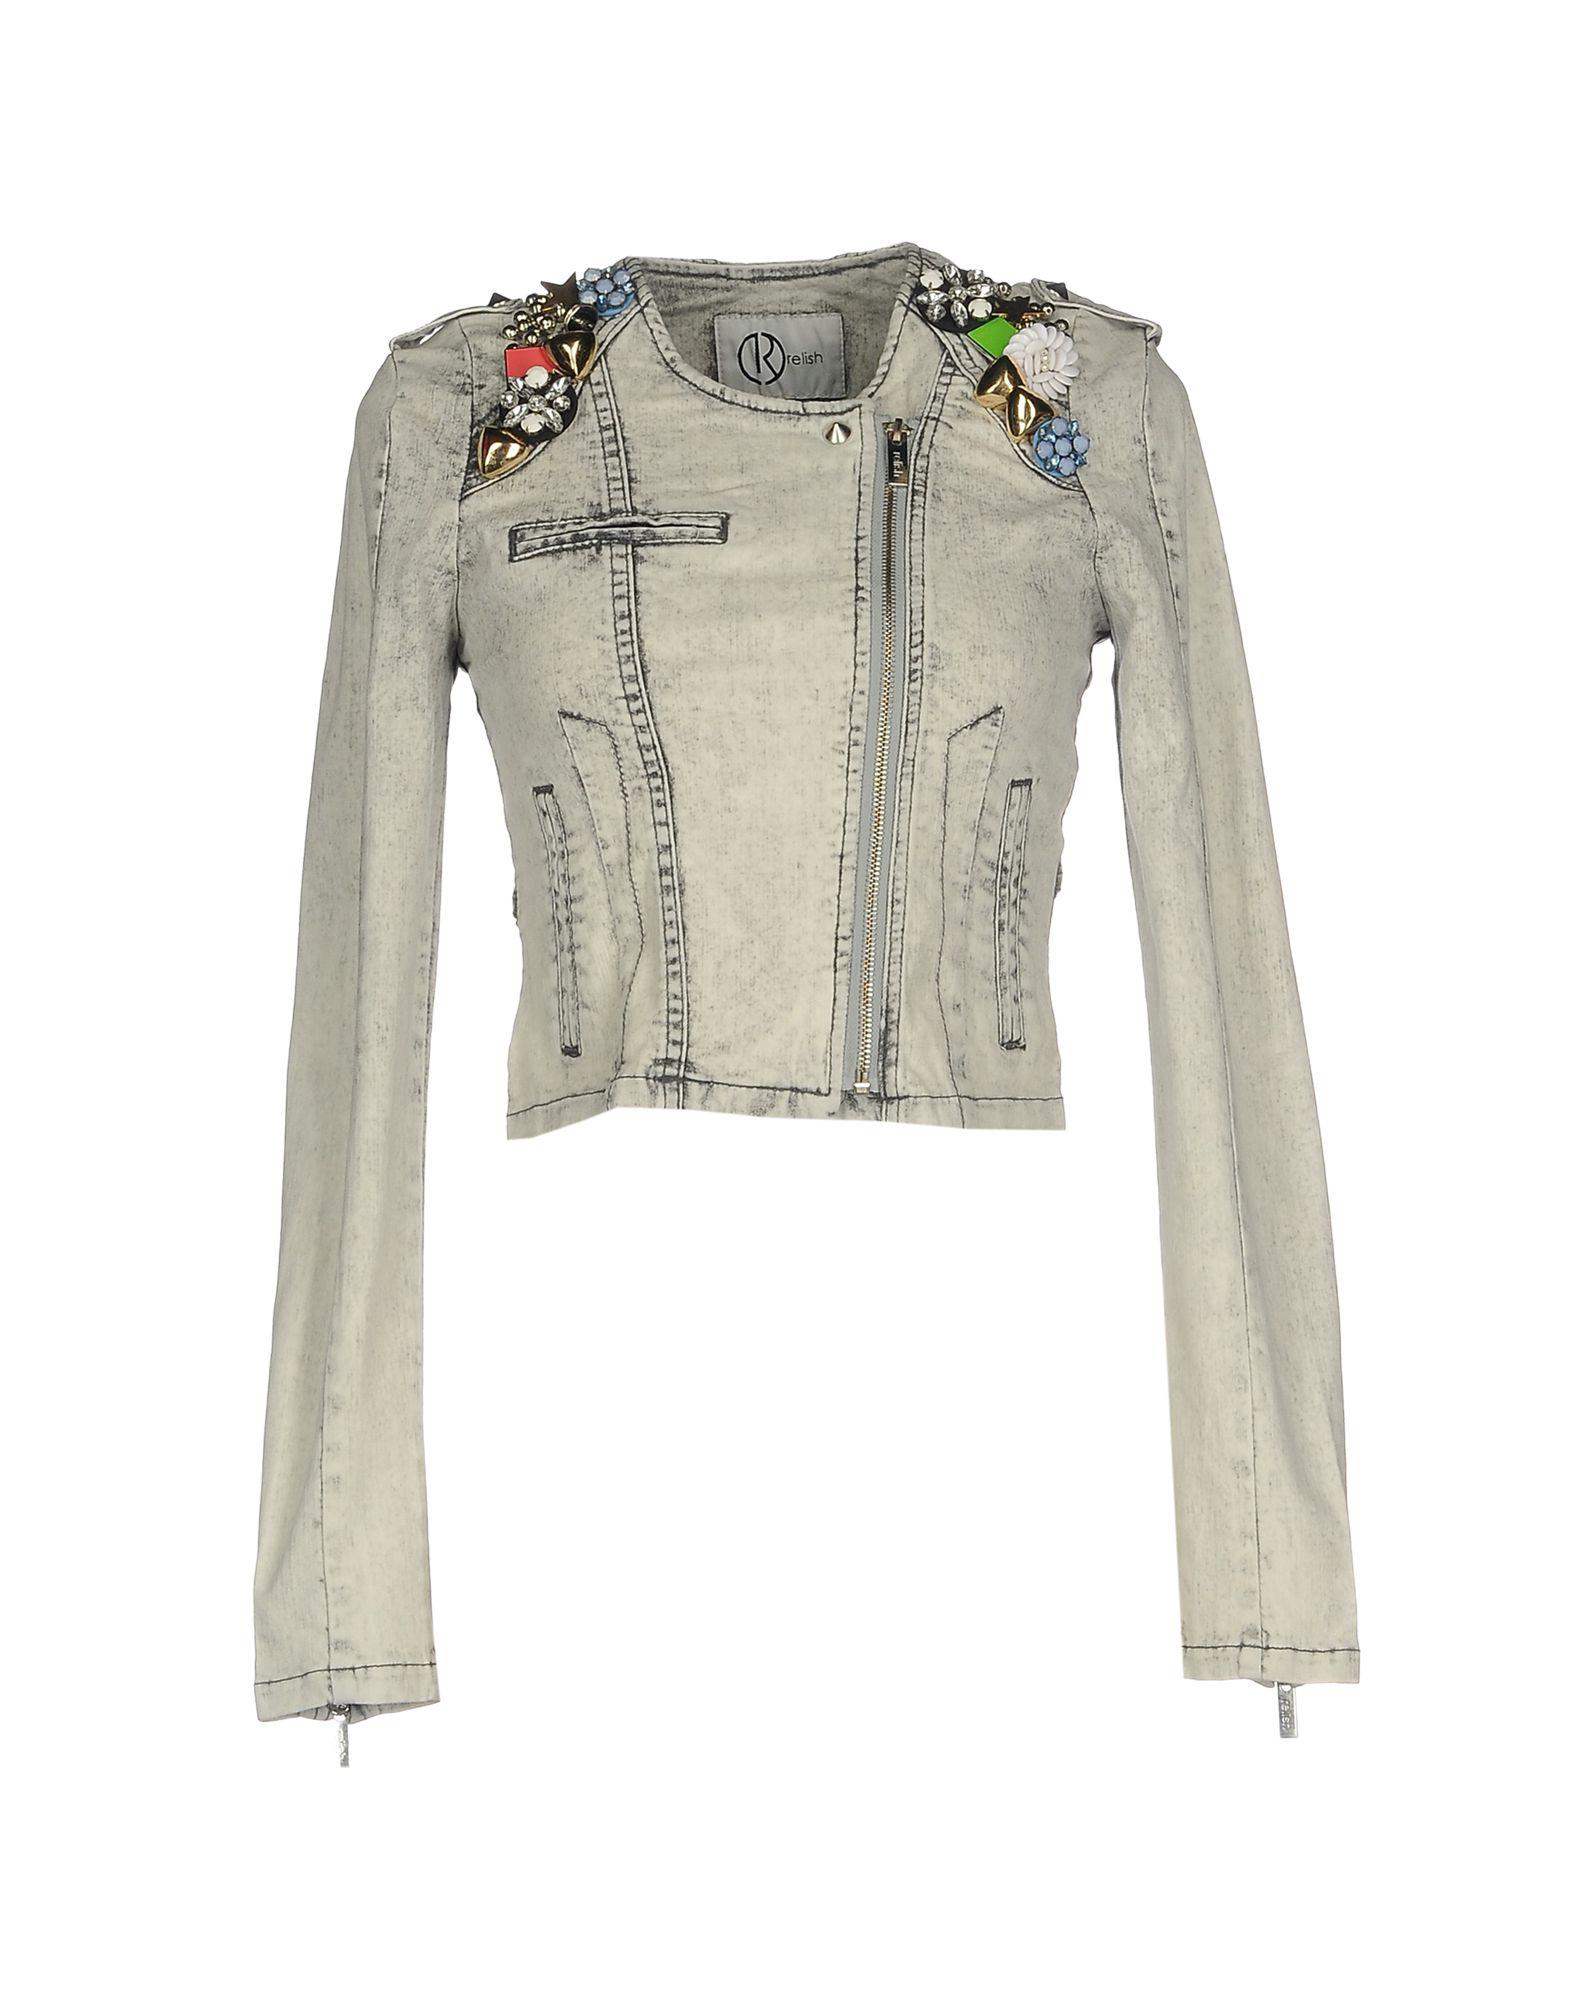 RELISH Джинсовая верхняя одежда relish джемпер relish rdp602439001 1200